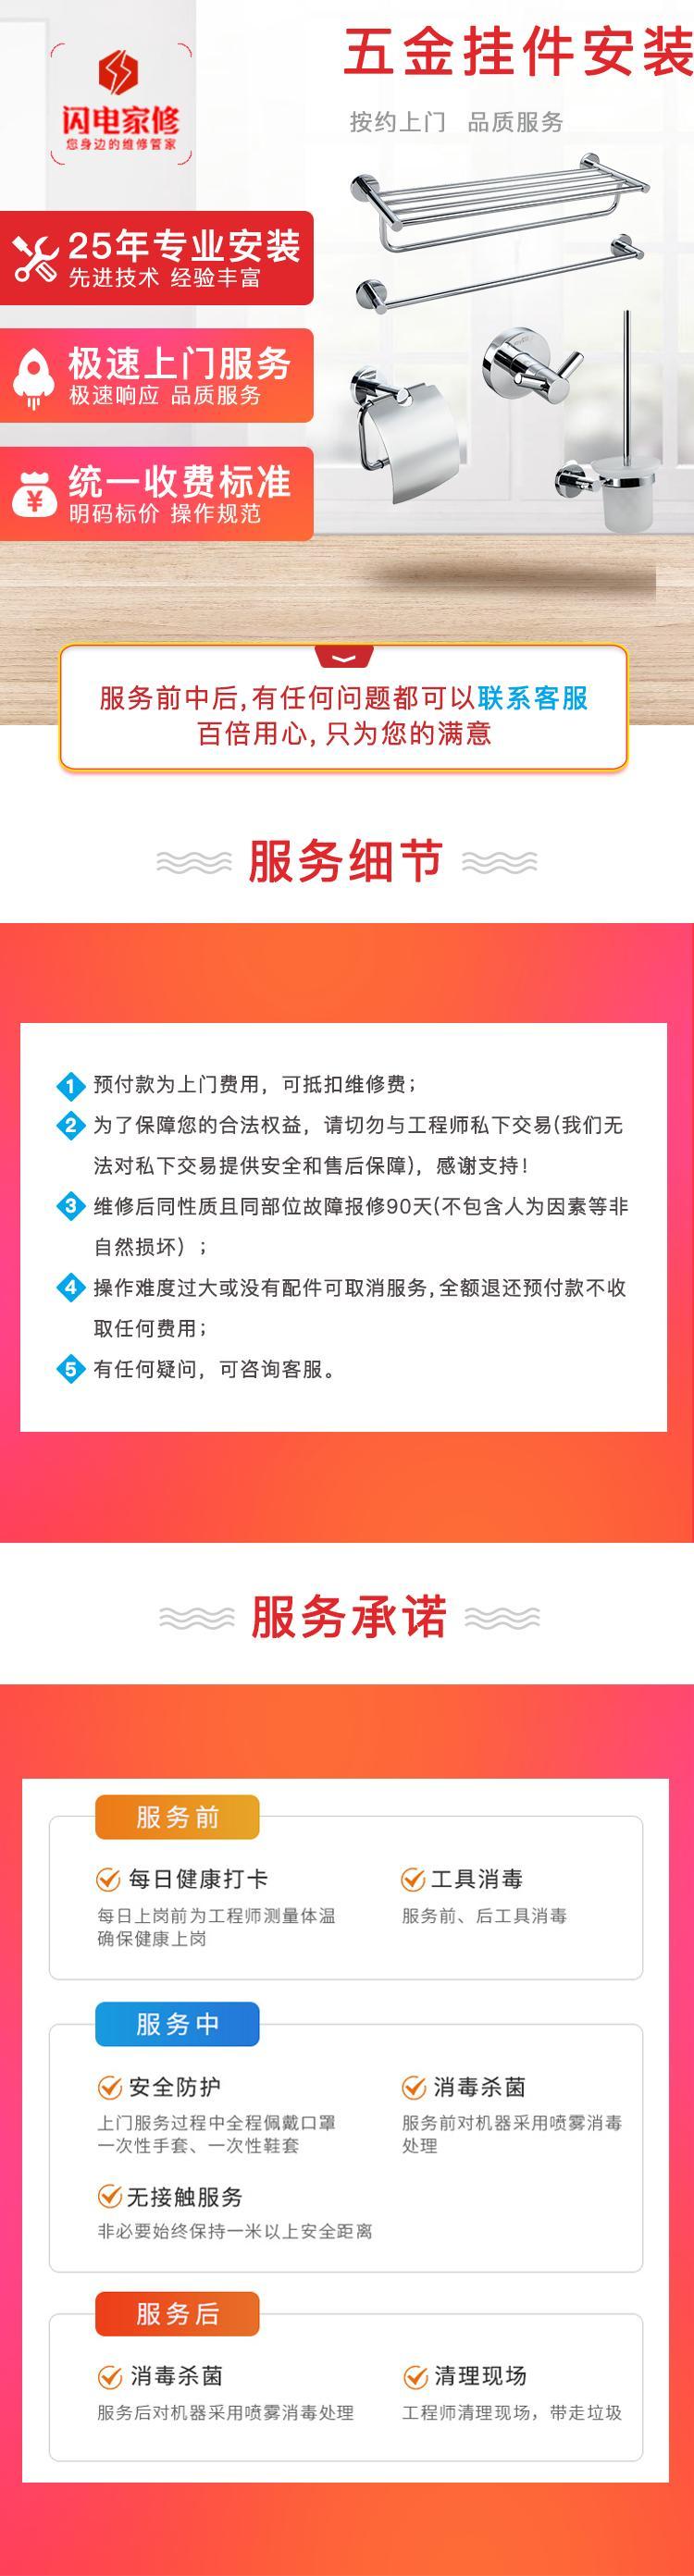 五金�旒�安�b�情(1).png